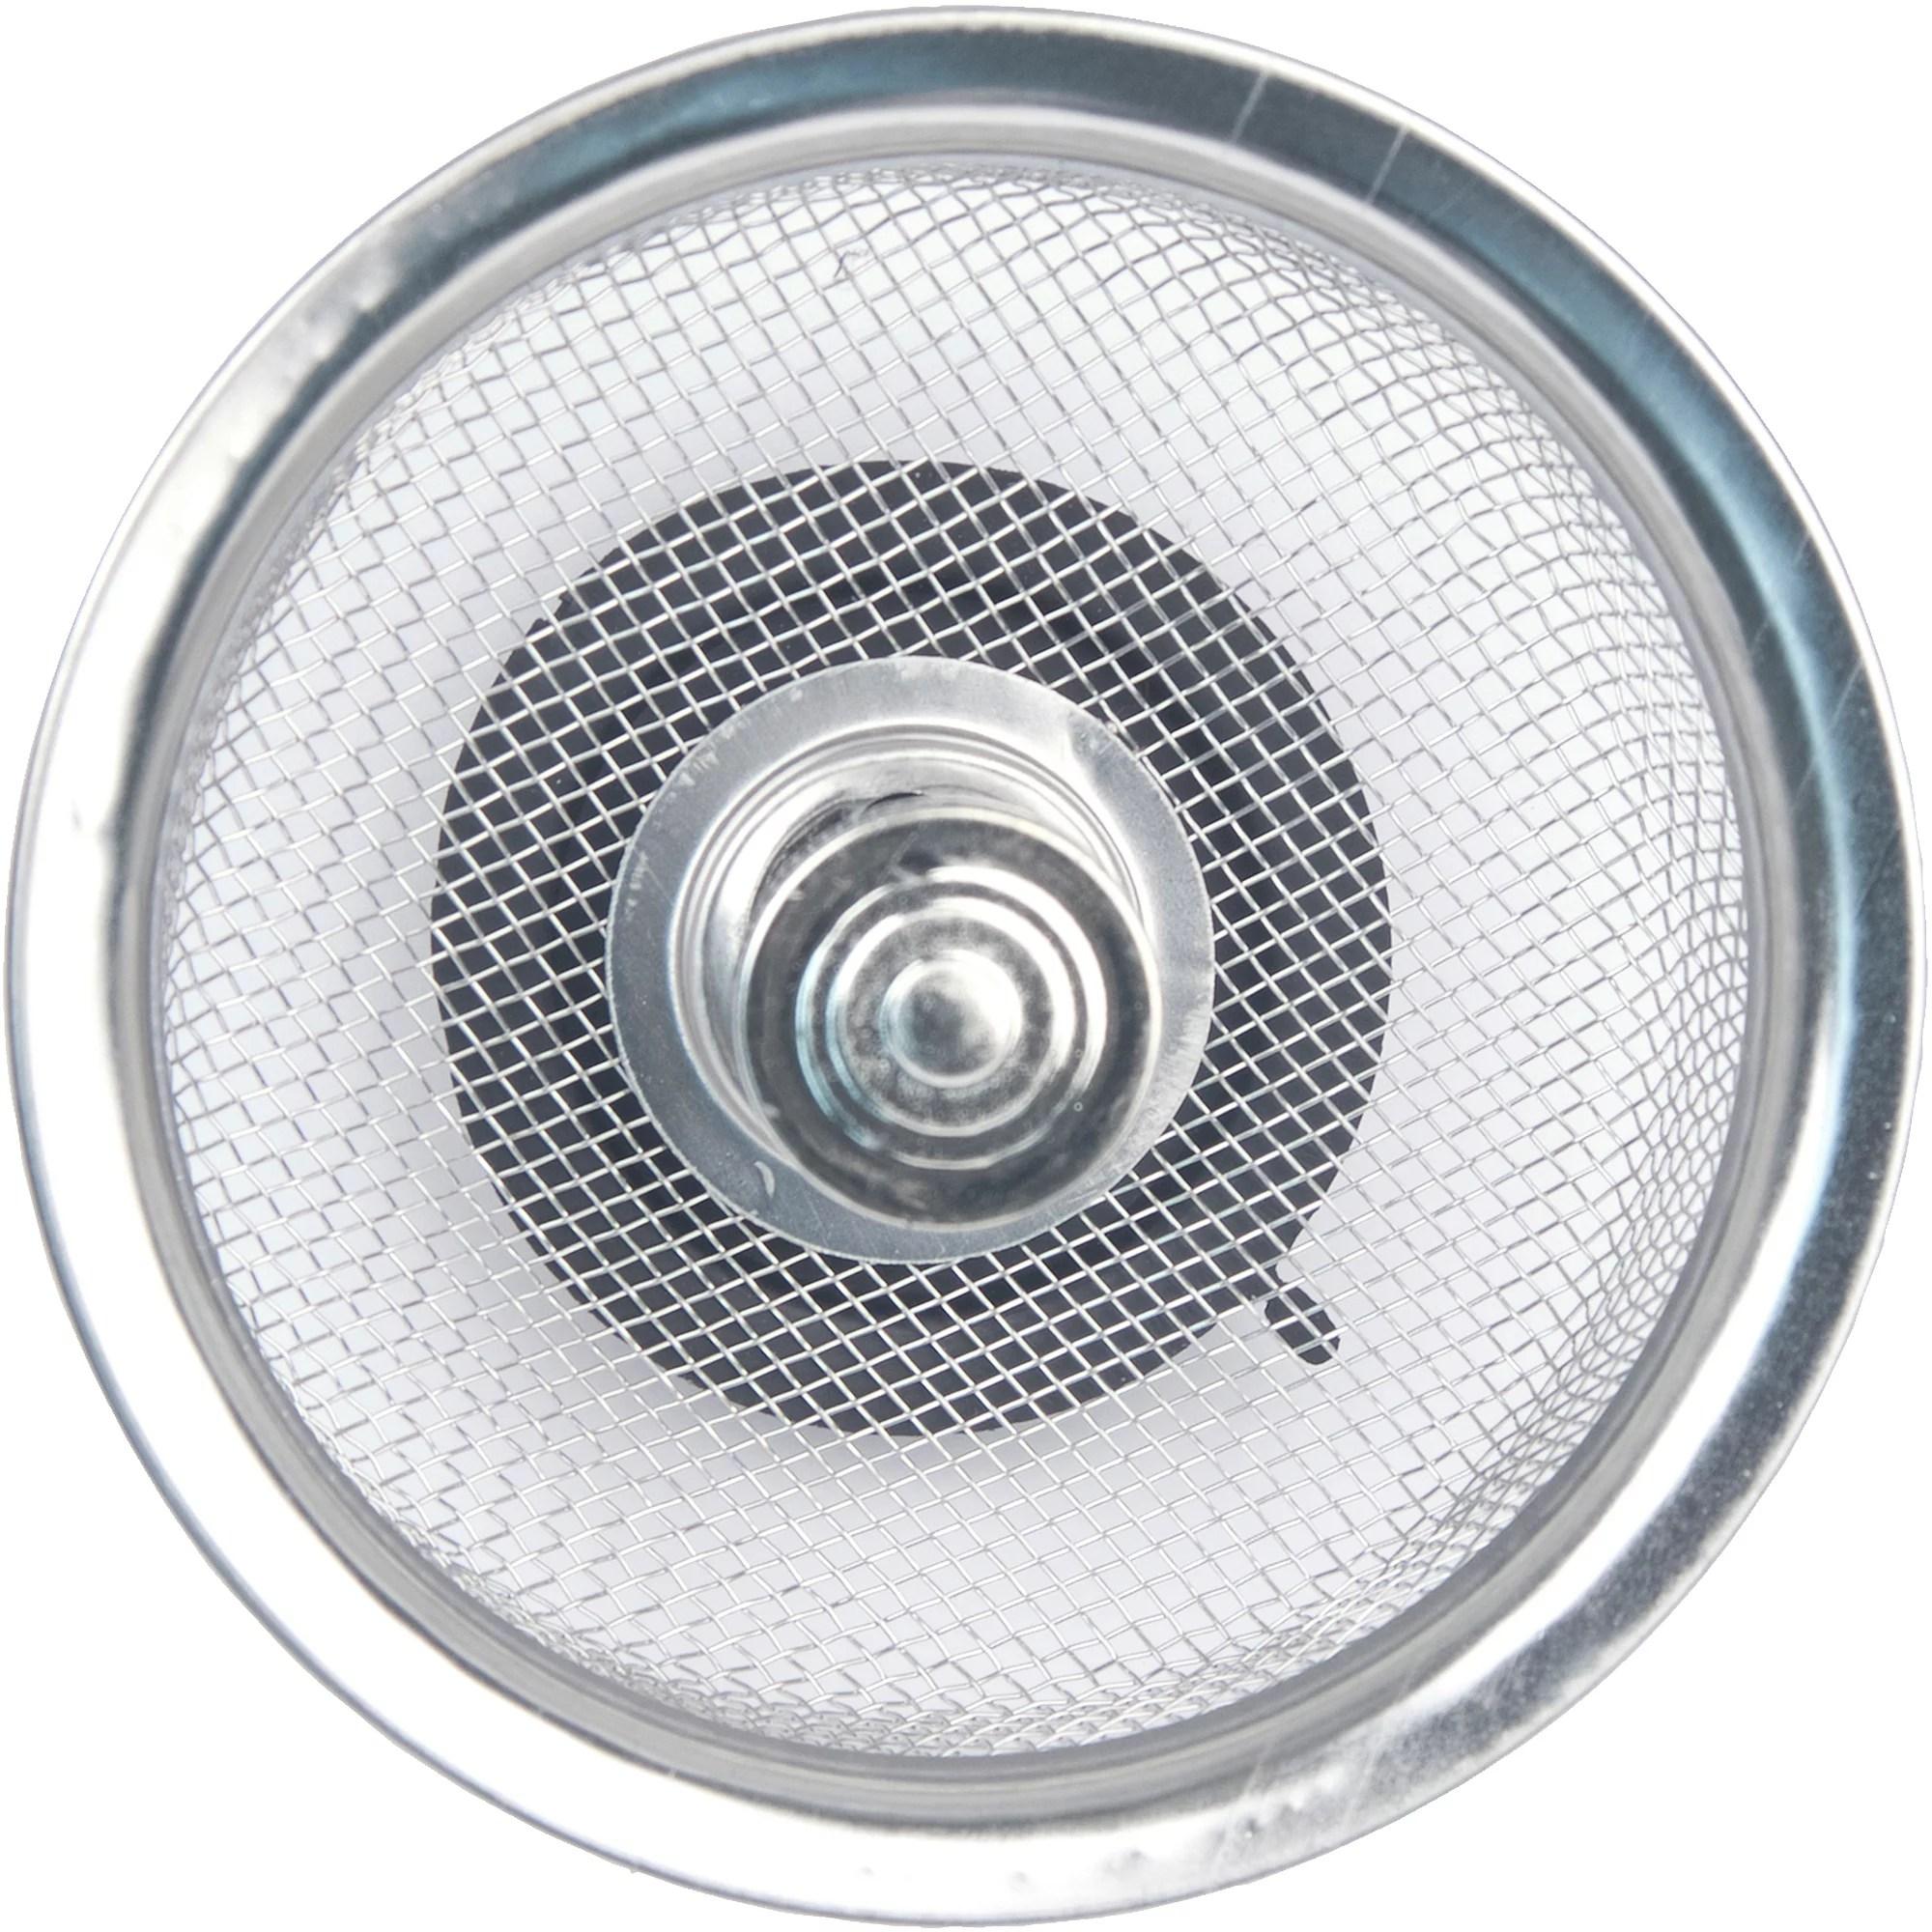 replacing kitchen sink strainer basket replacing a kitchen sink Kitchen Sink Strainer Replacement Baskets Best Ideas